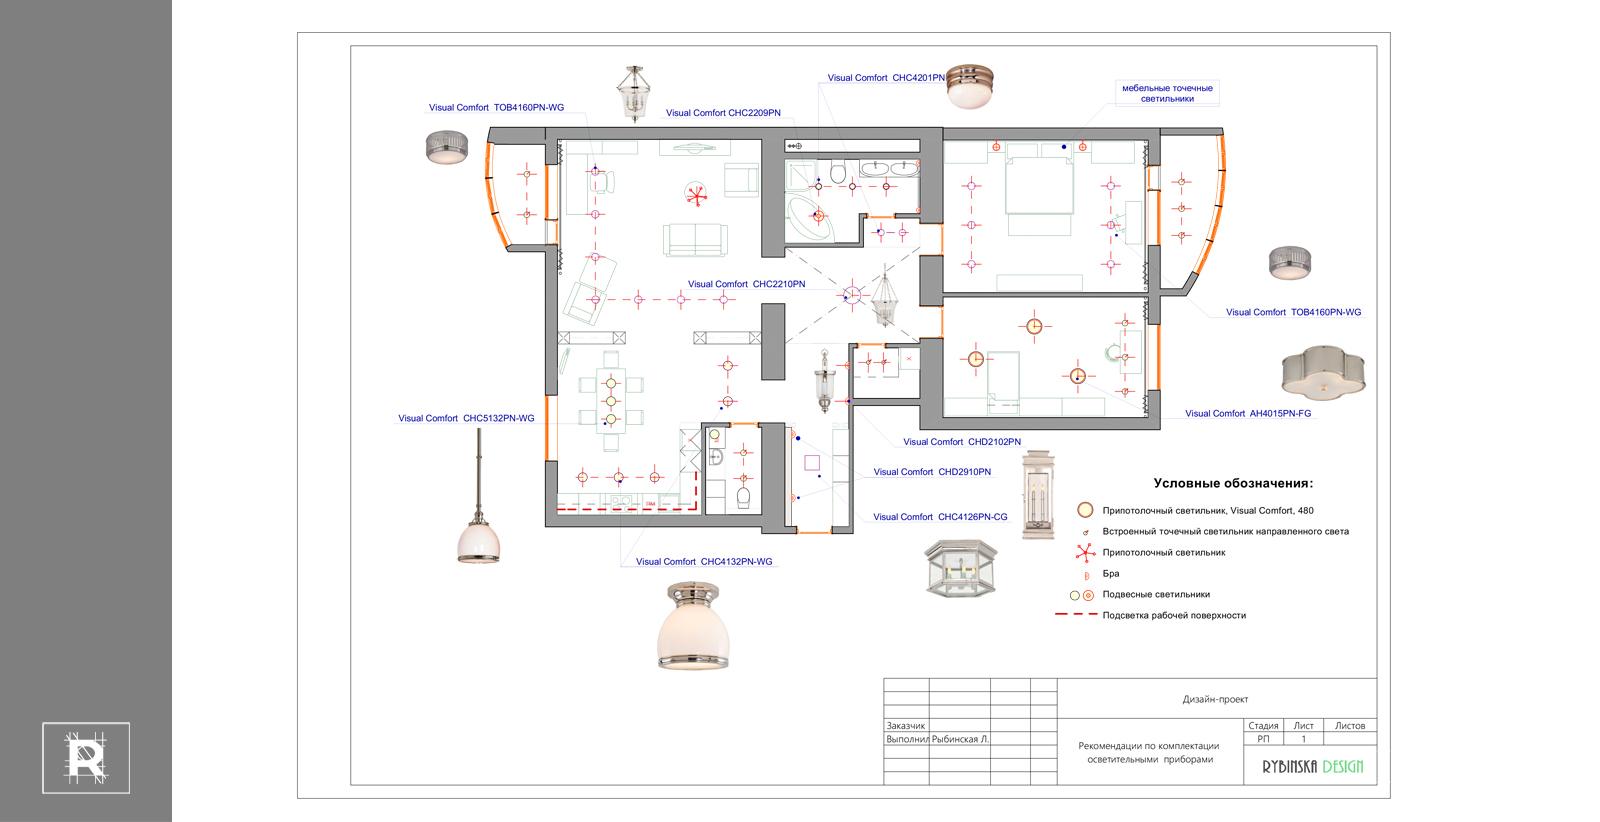 Пример - План рекомендация по освещению и мебели